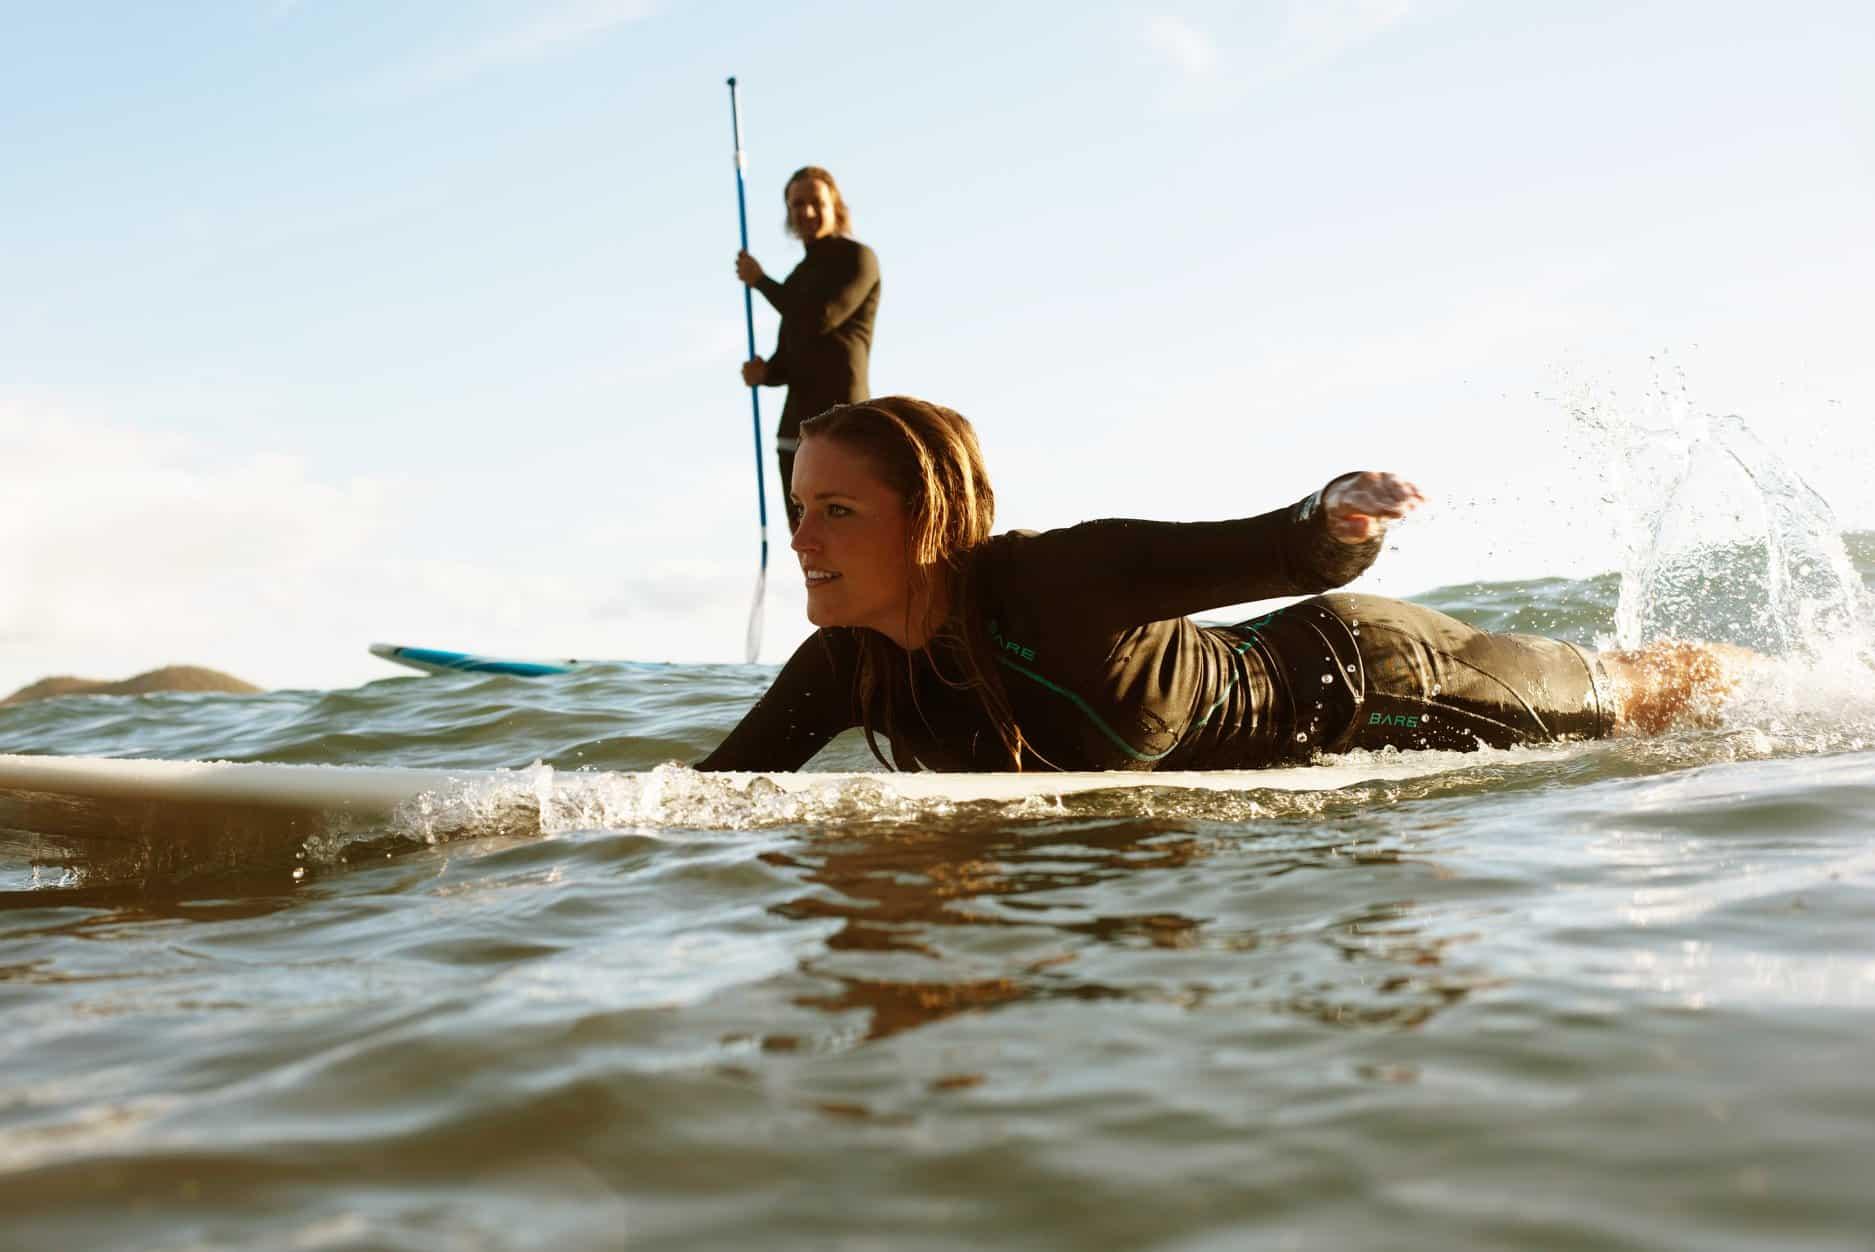 surfing odzież wielofunkcyjna BARE ExoWear ECN divers24.pl